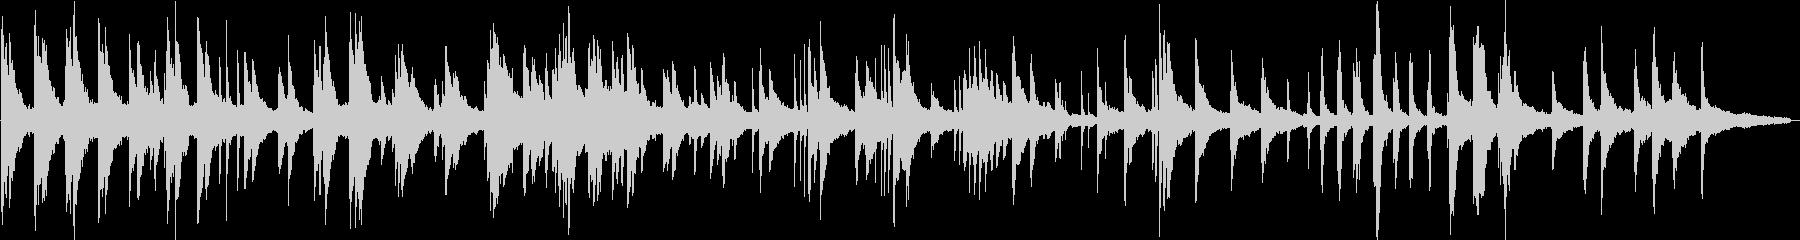 ヒーリングピアノ組曲 ただよう 10の未再生の波形